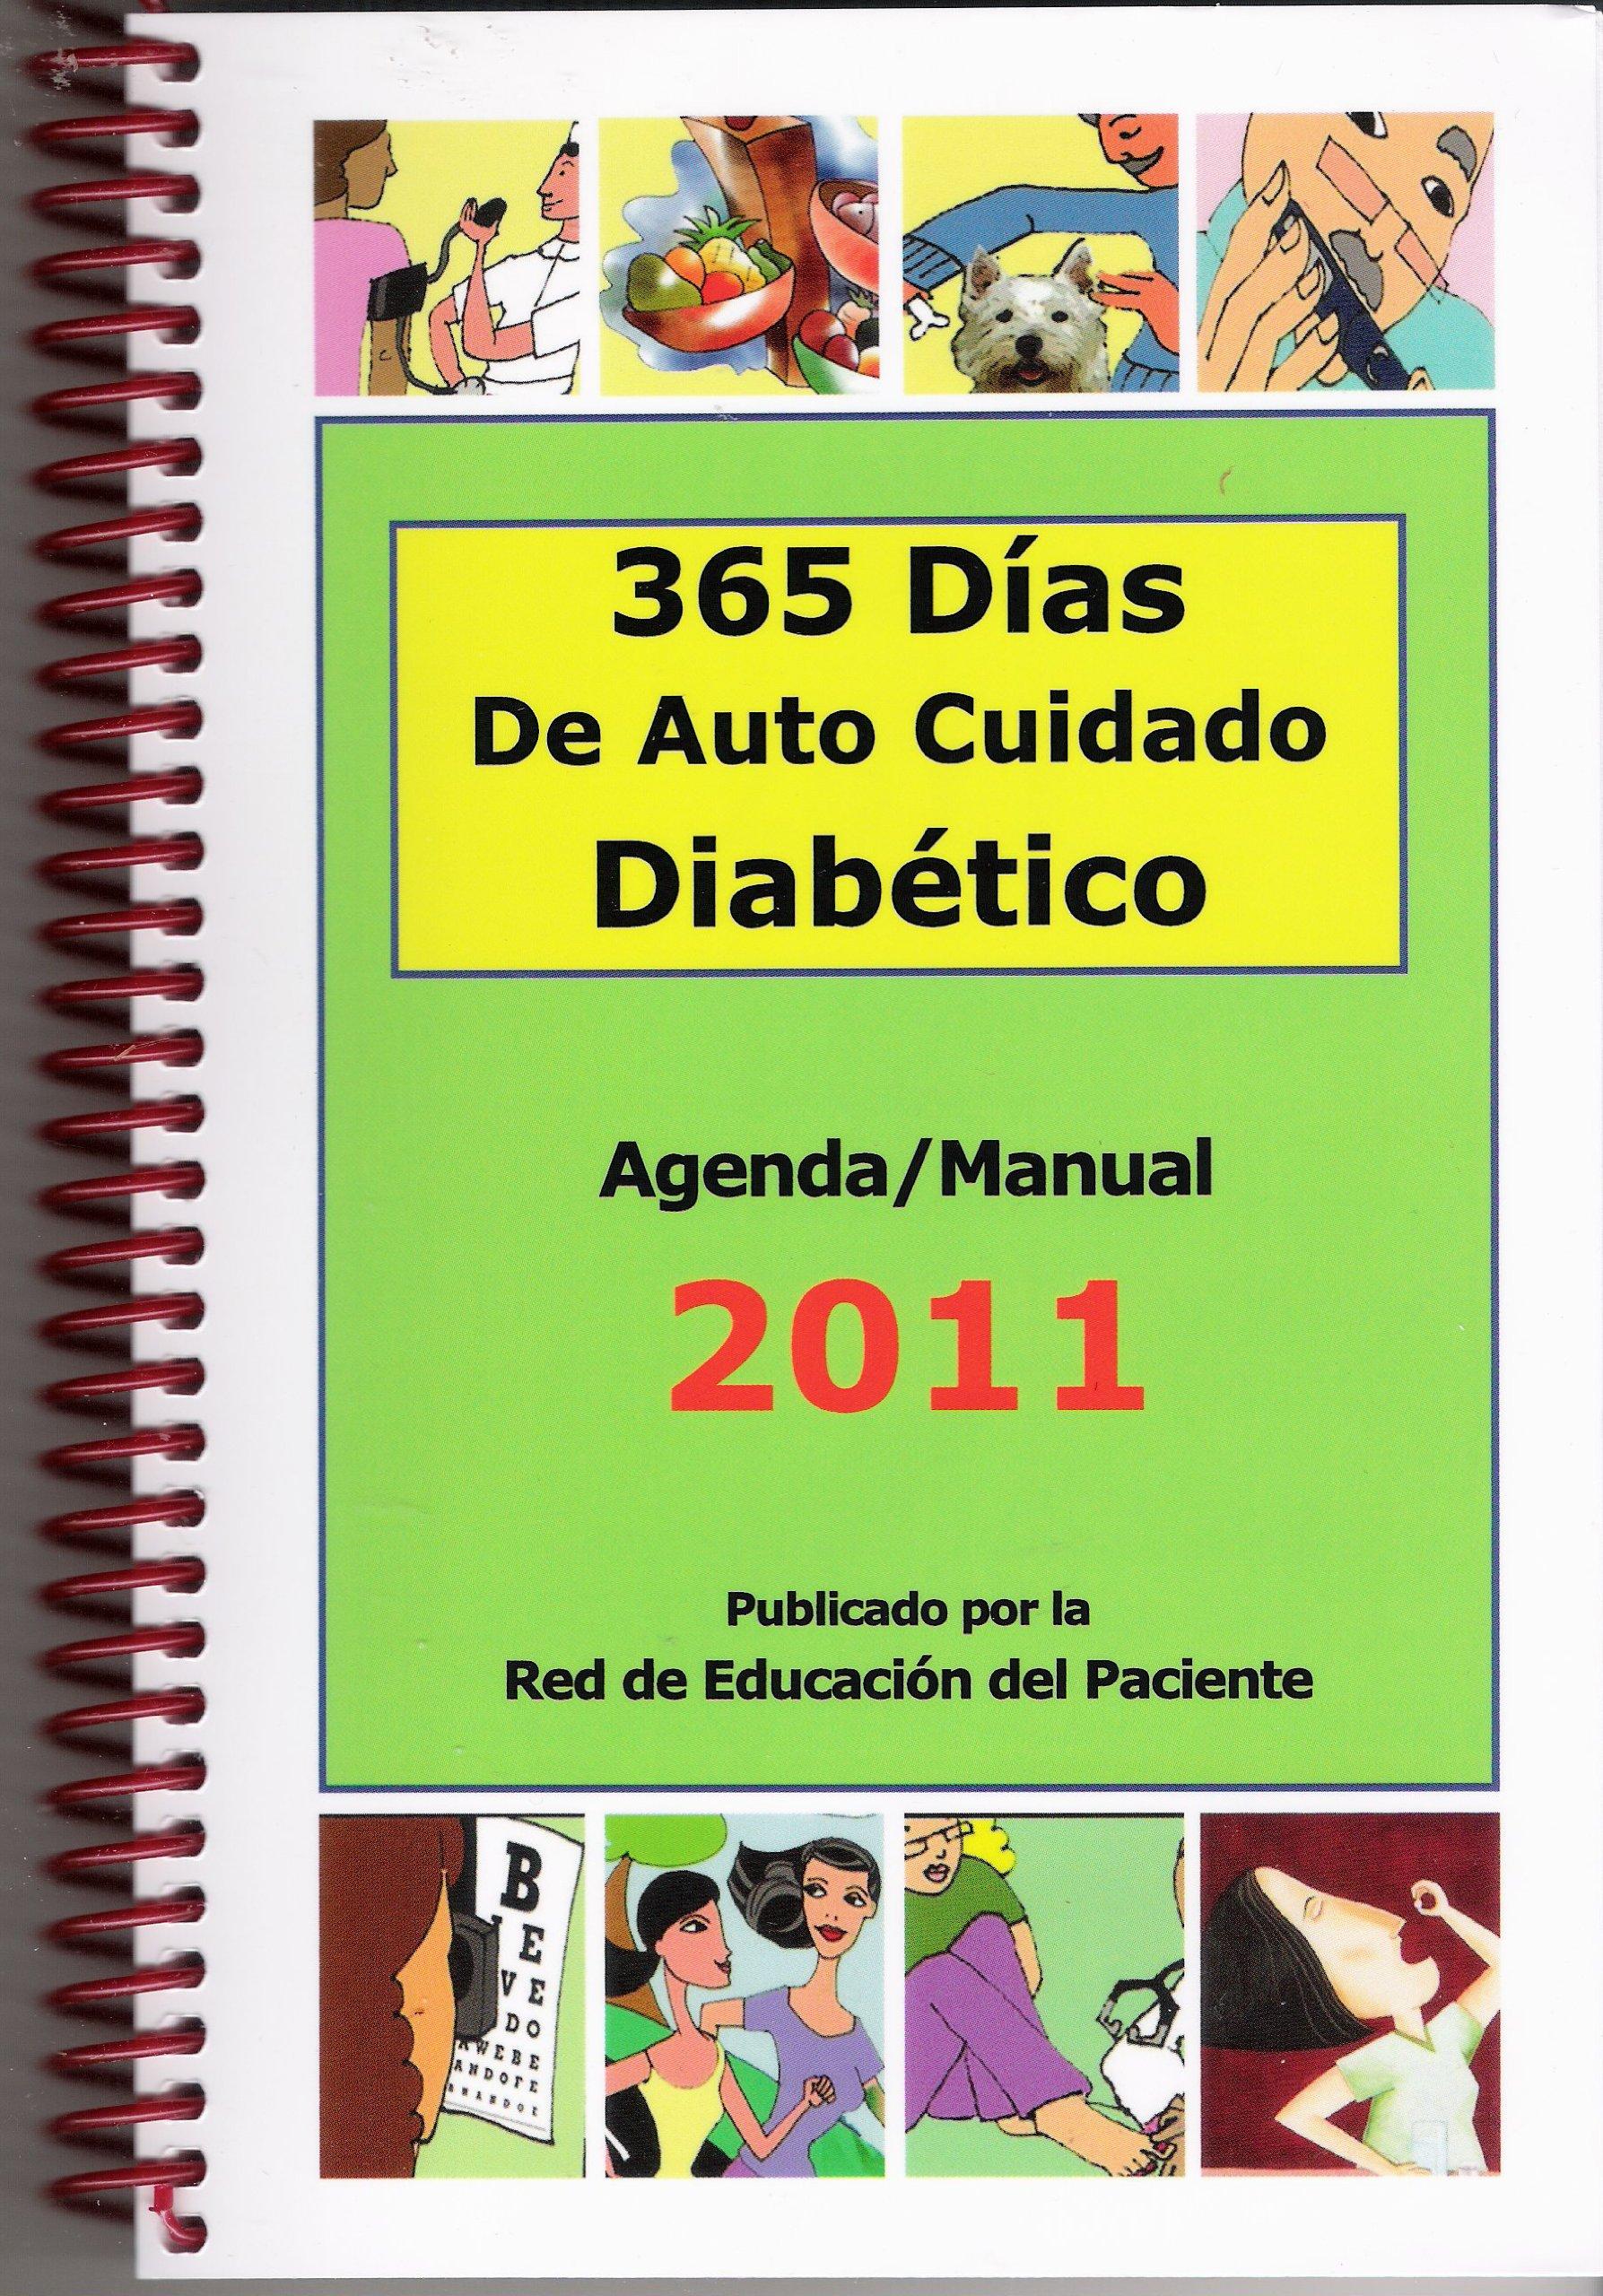 365 Días de Auto Cuidado Diabético: The Patient Education ...